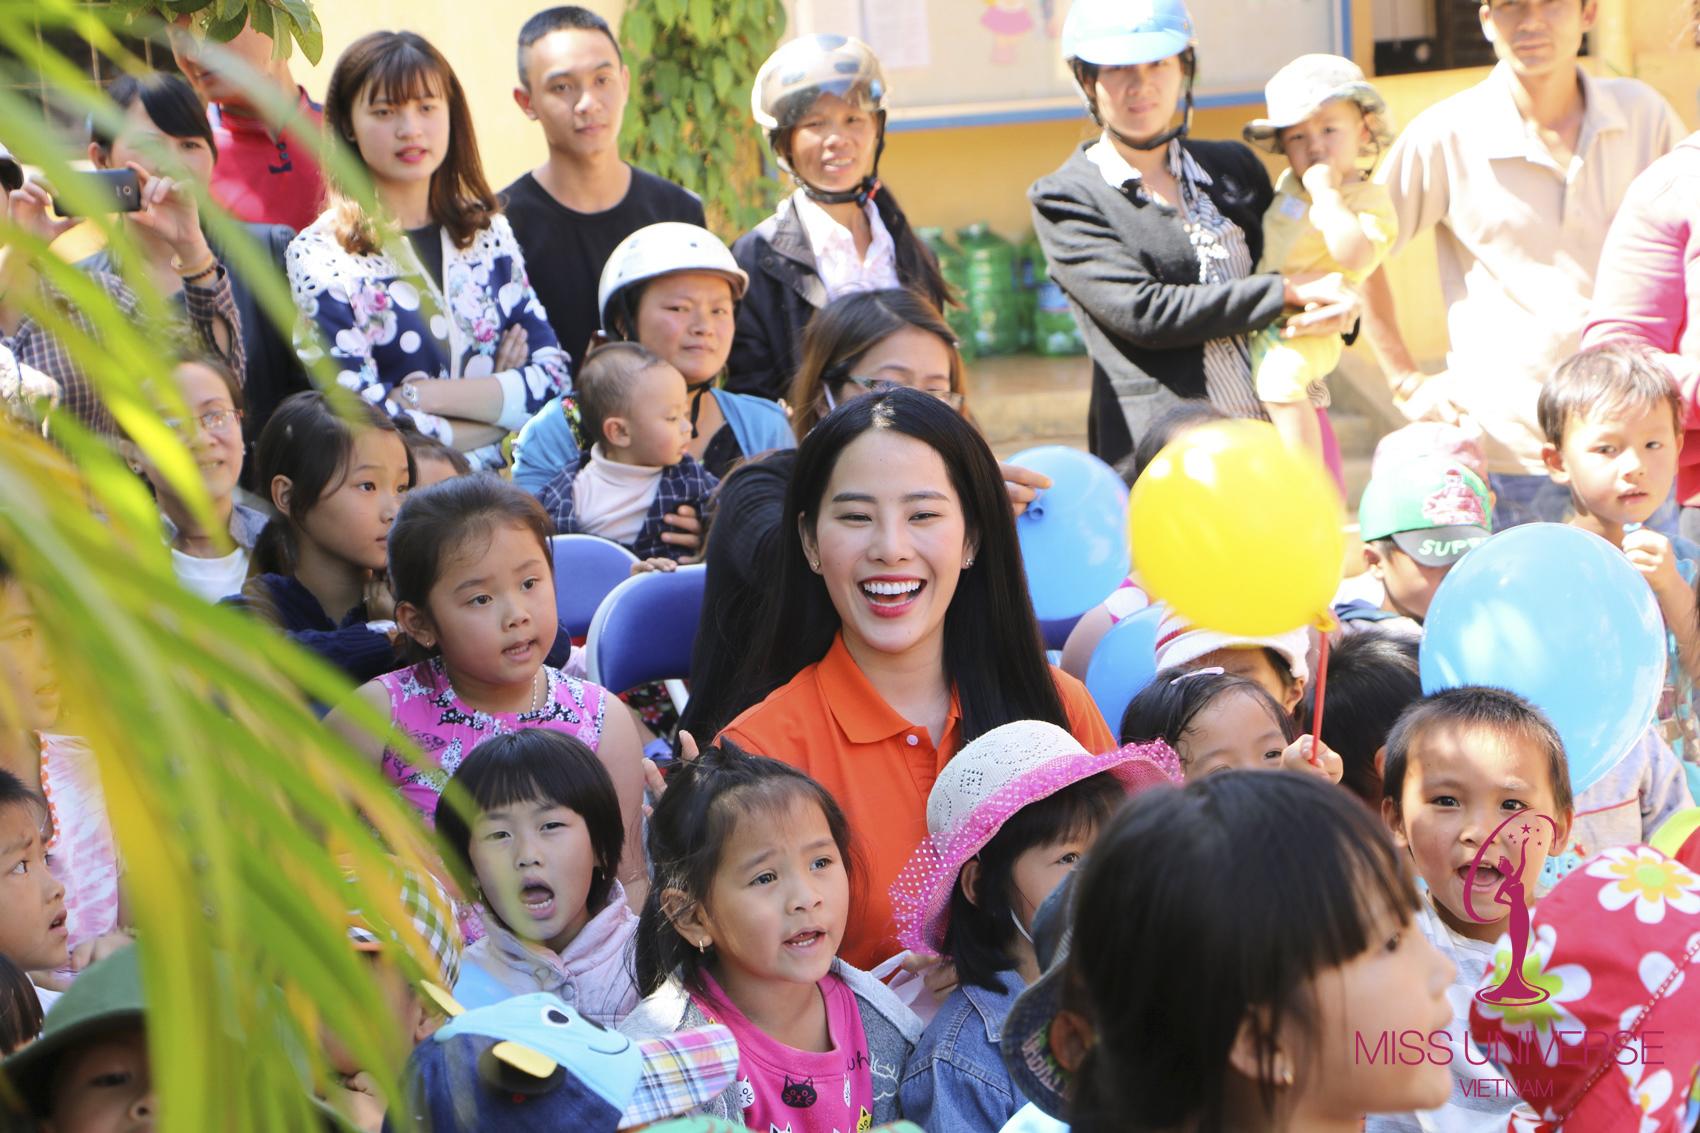 Phạm Hương, Nam Em, Lệ Hằng giản dị đi từ thiện 6